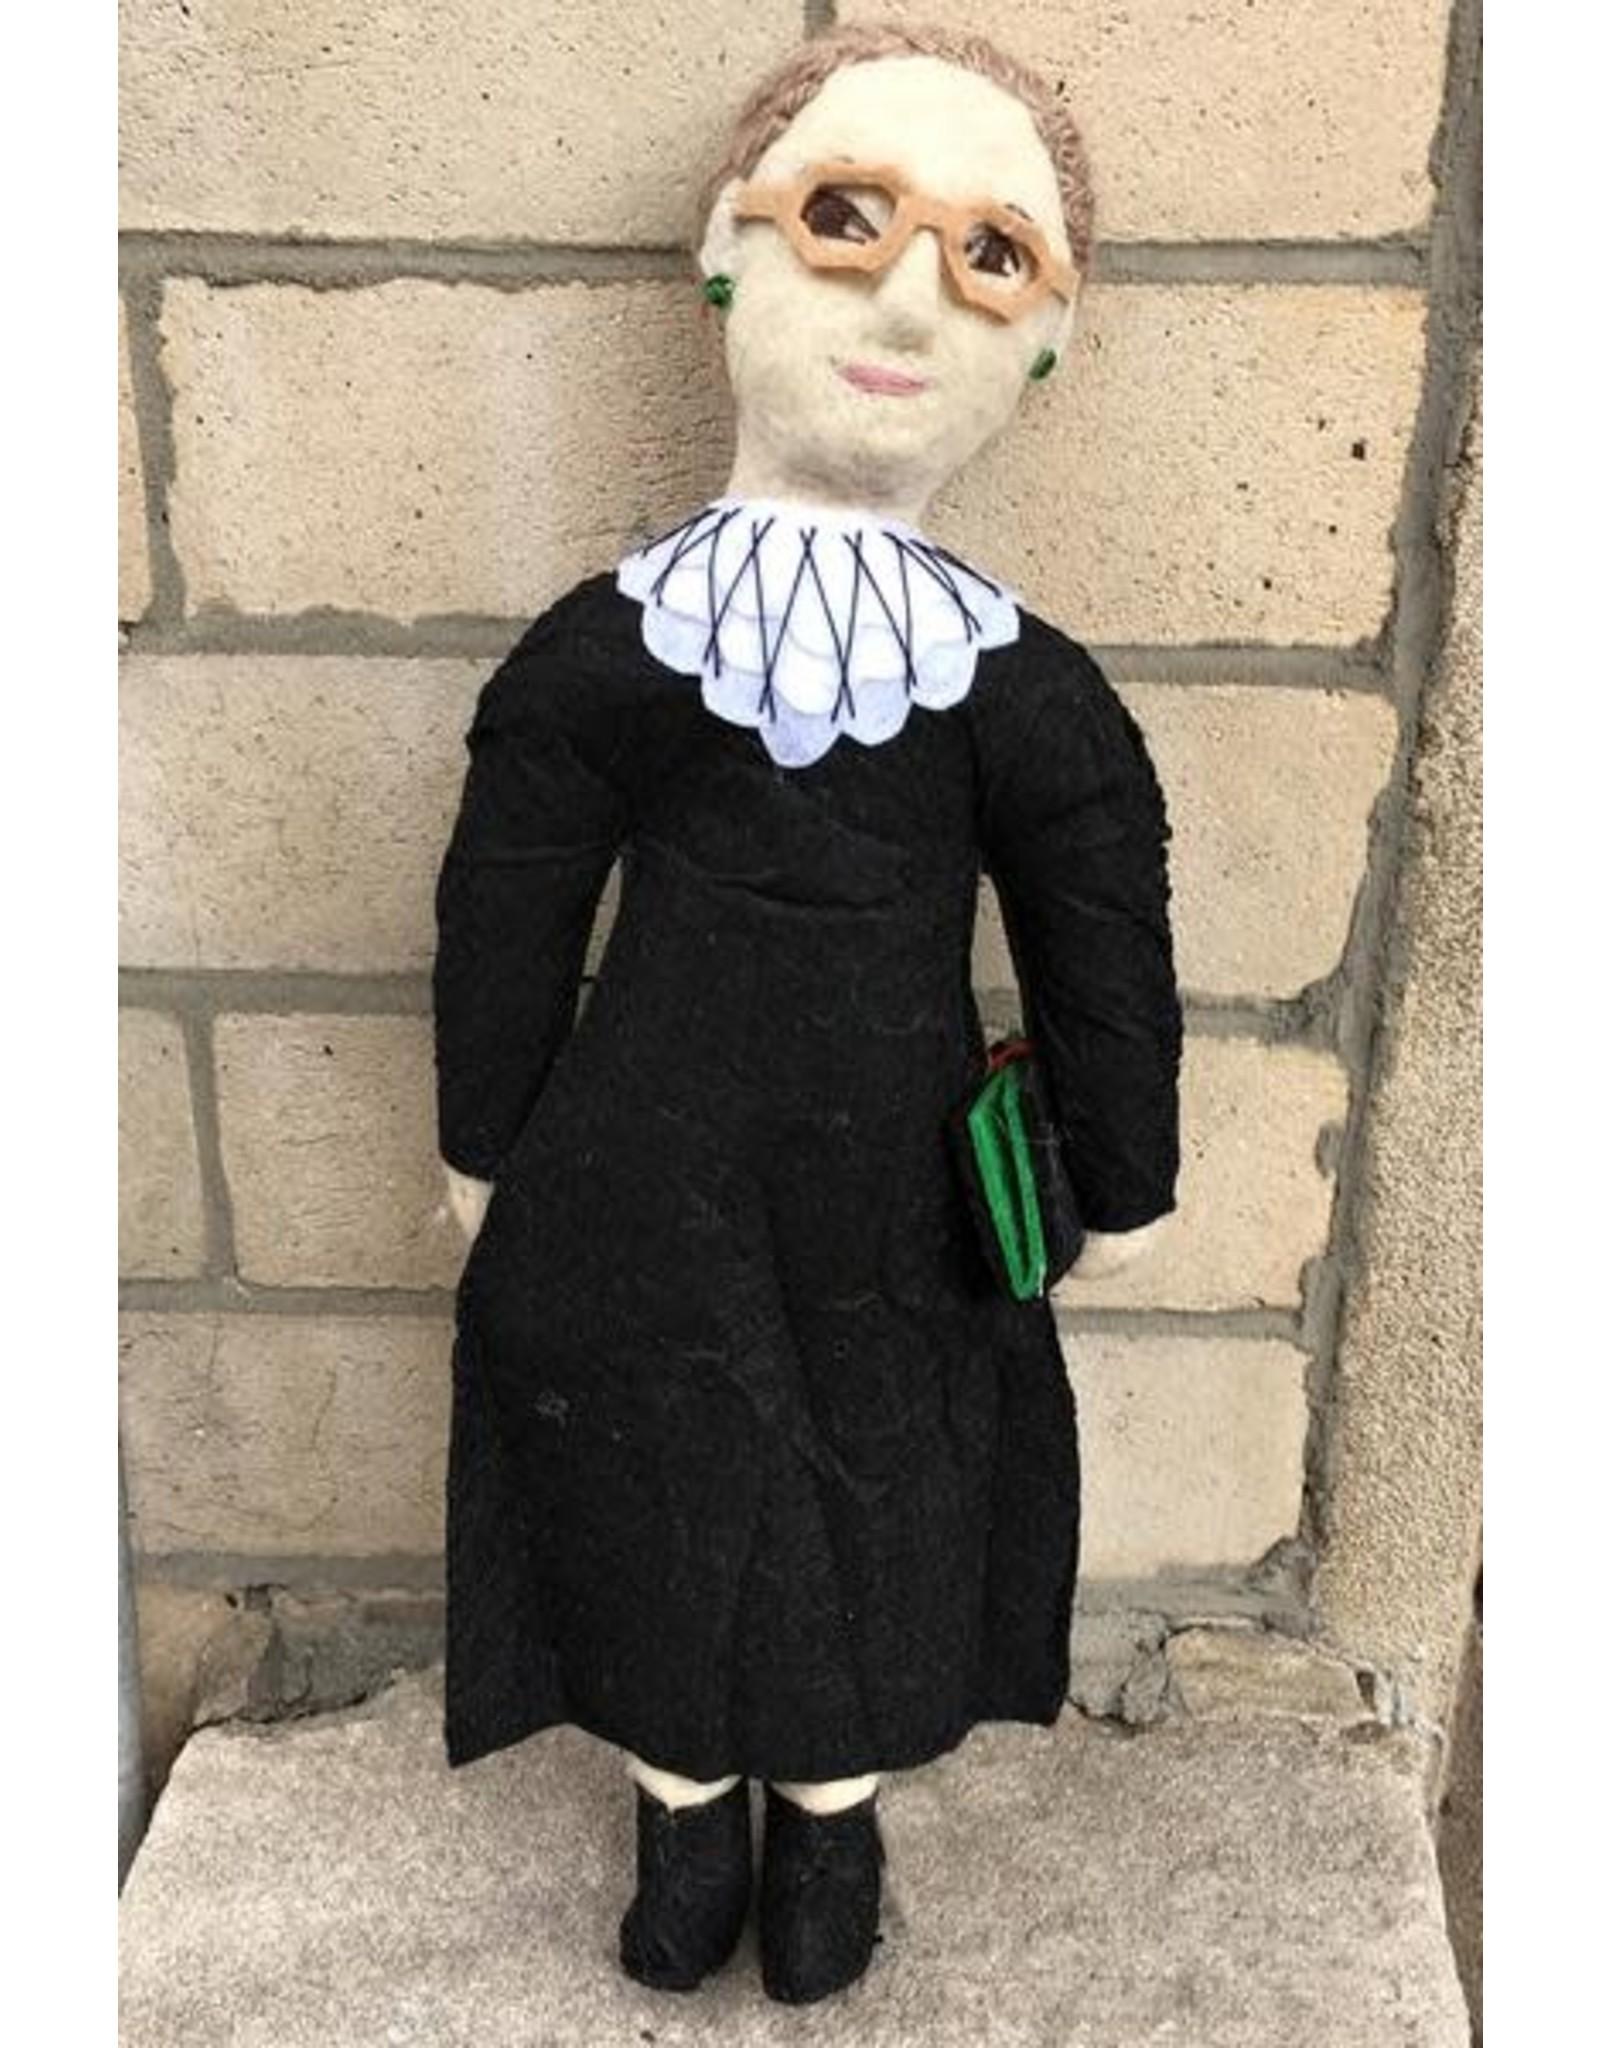 Historical Felt Dolls Ruth Bader Ginsburg, Kyrgyzstan